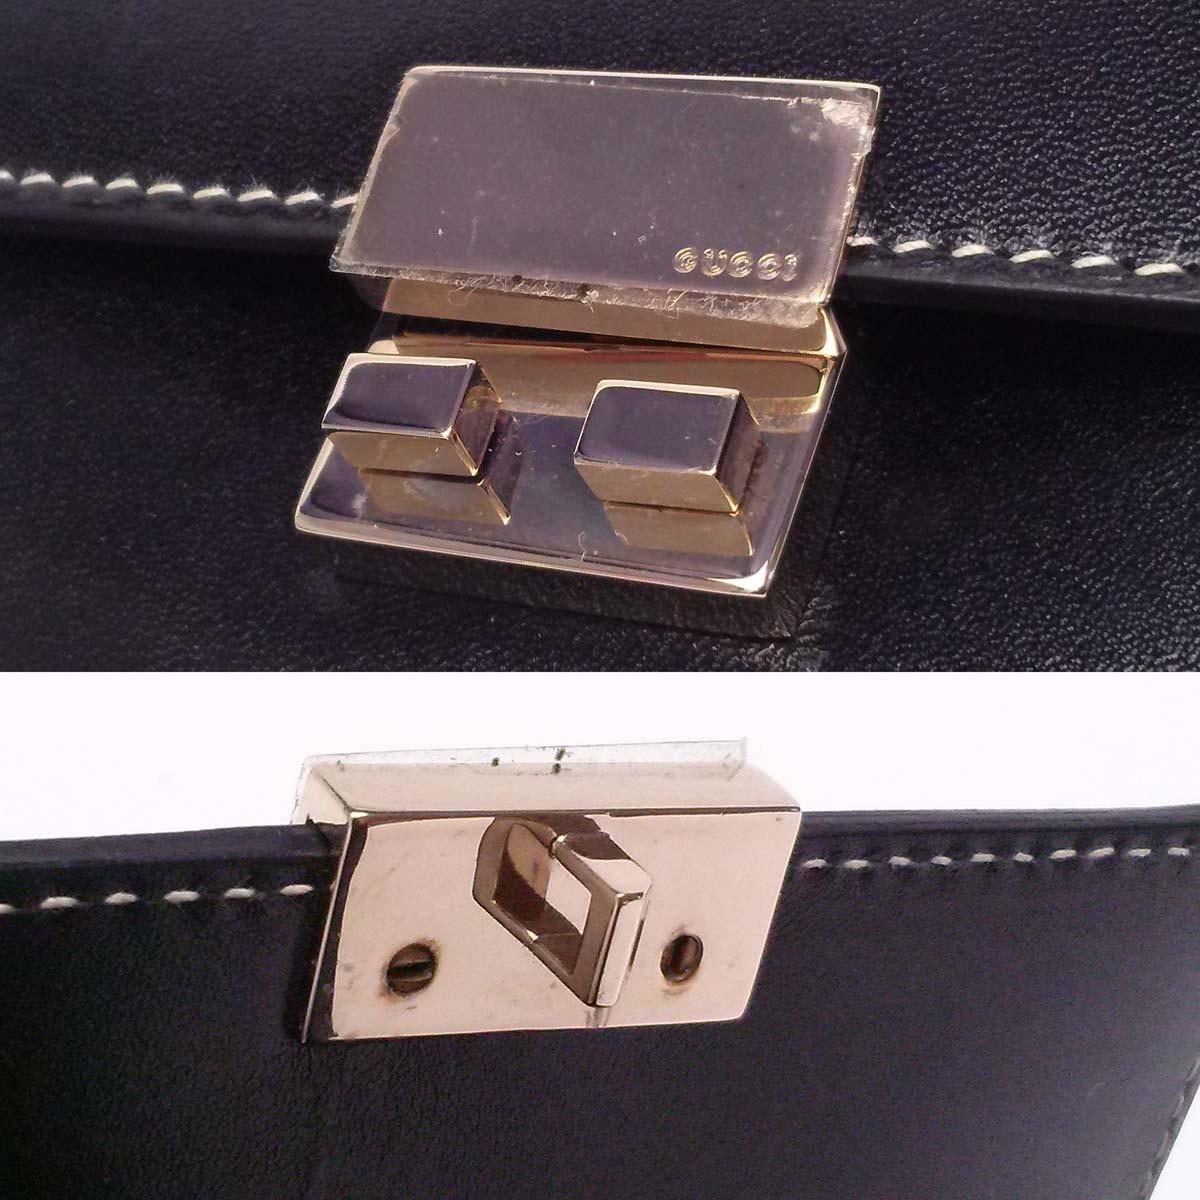 【新品同様】 グッチ コンパクト財布 金具テープ付き スライドロック【モード系】パスケース付き 黒 箱 appre5773【一撃即決】_画像9